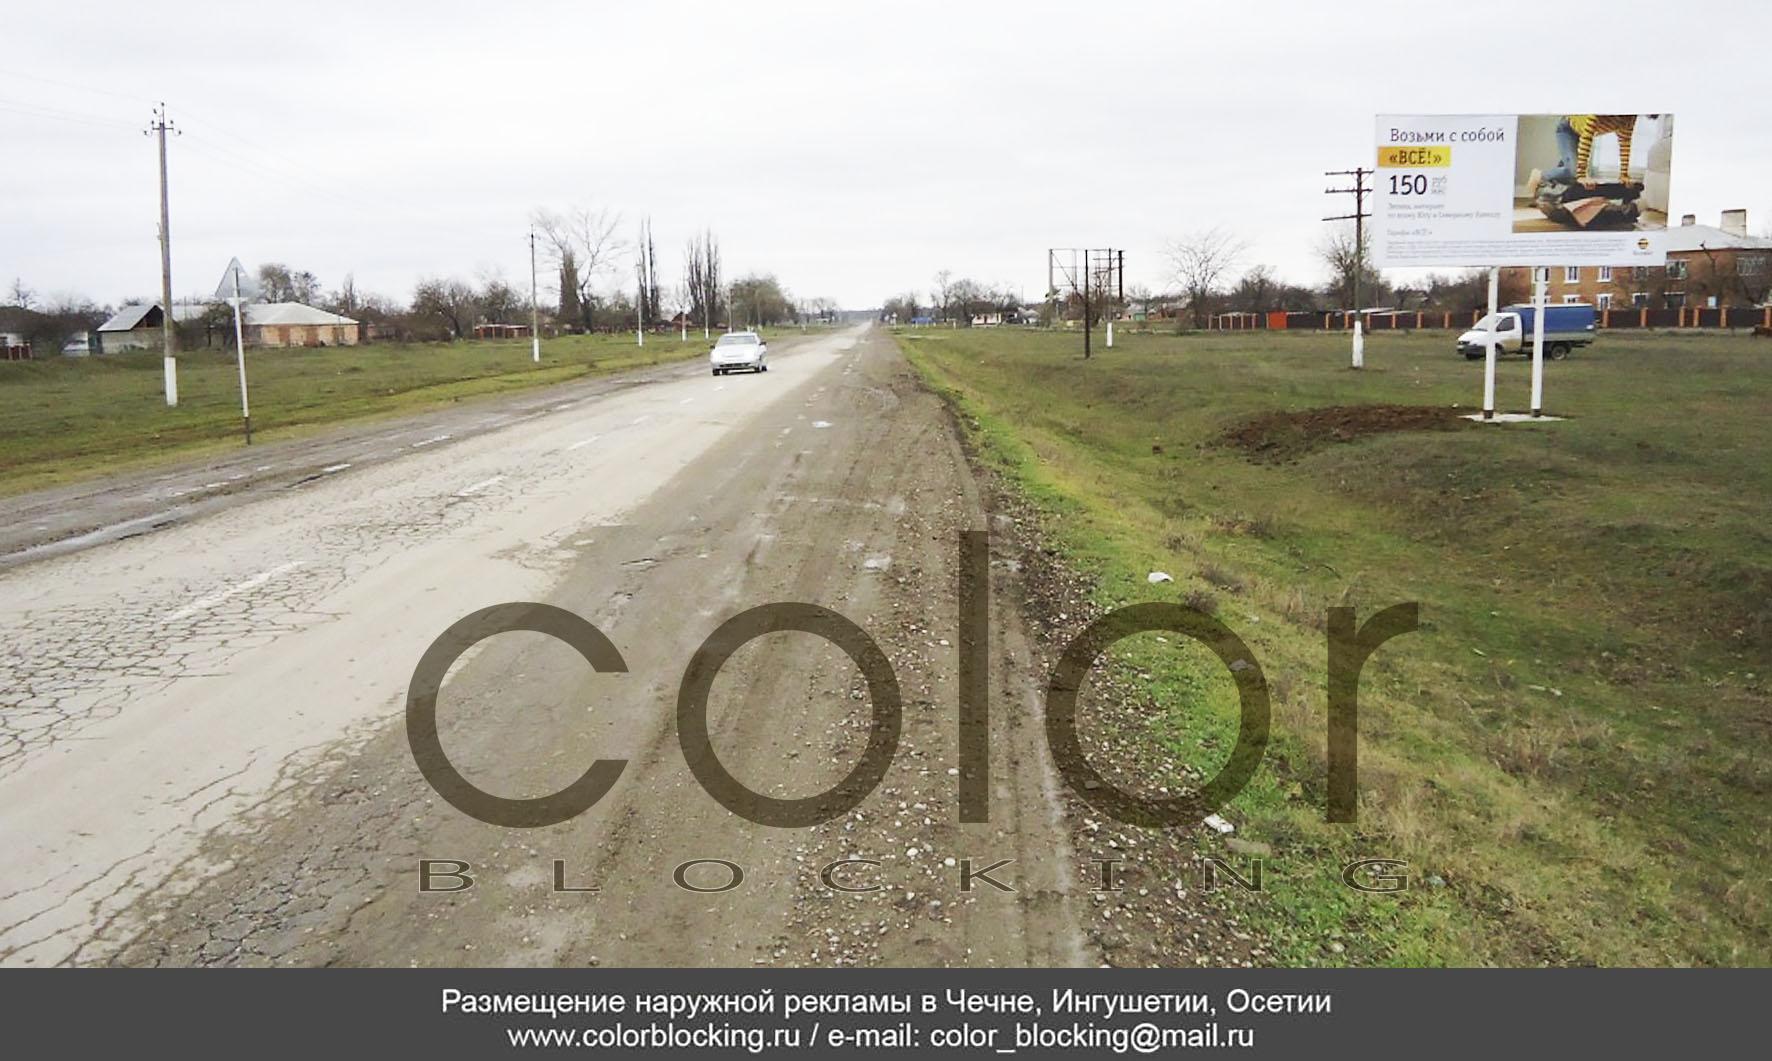 Наружная реклама в населенных пунктах Чечни Ищерская